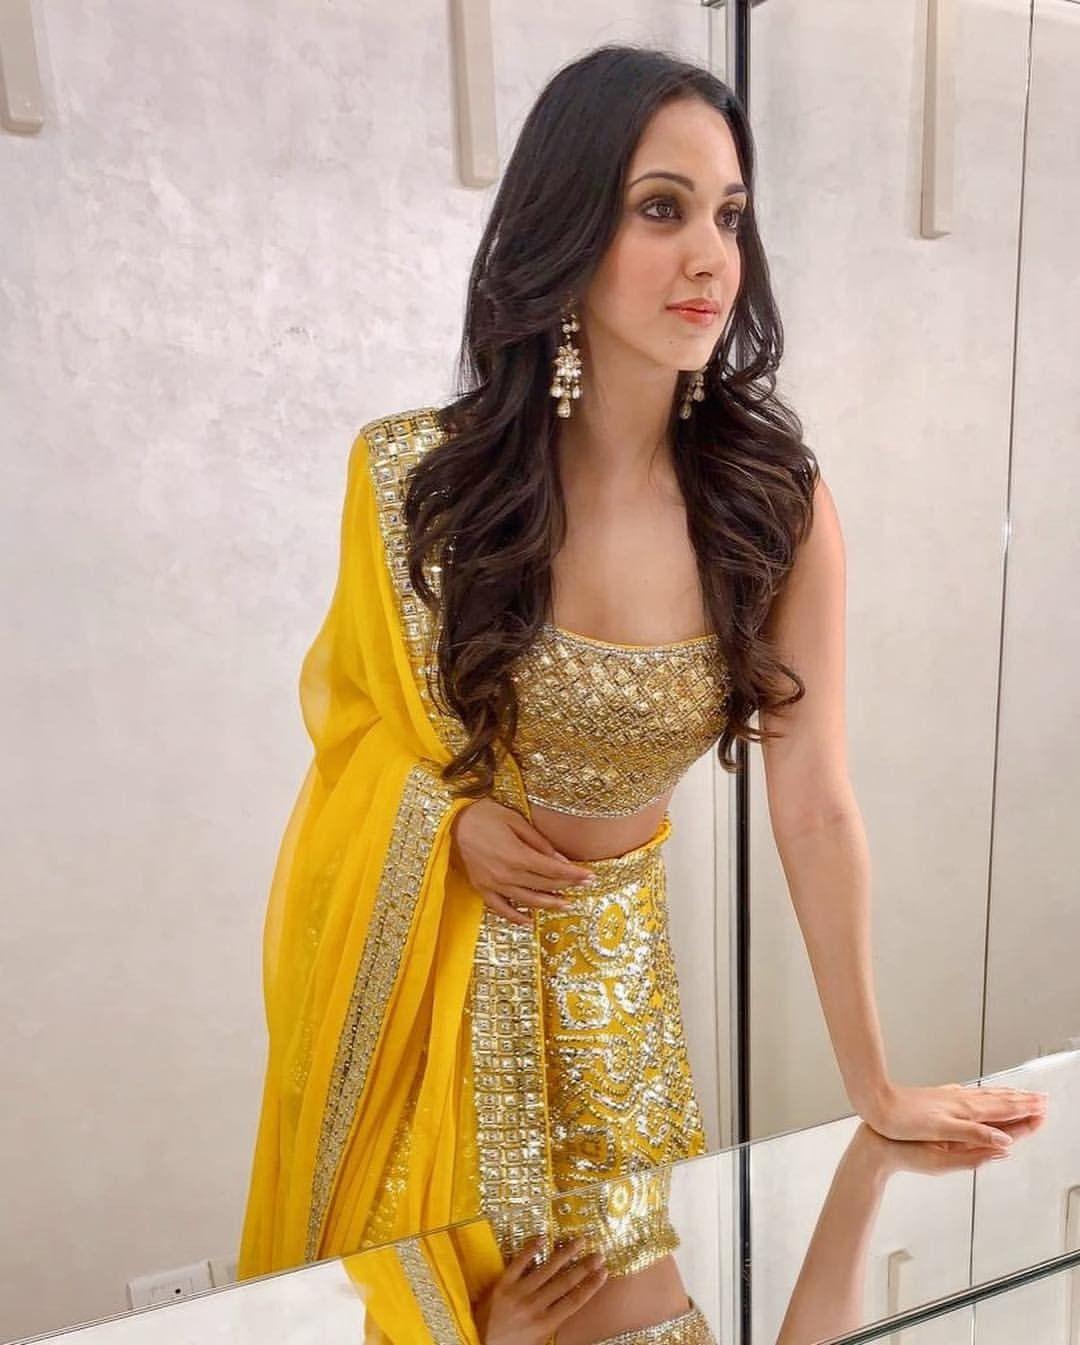 Kiara Advani (With images) | Kiara advani hot, Beautiful